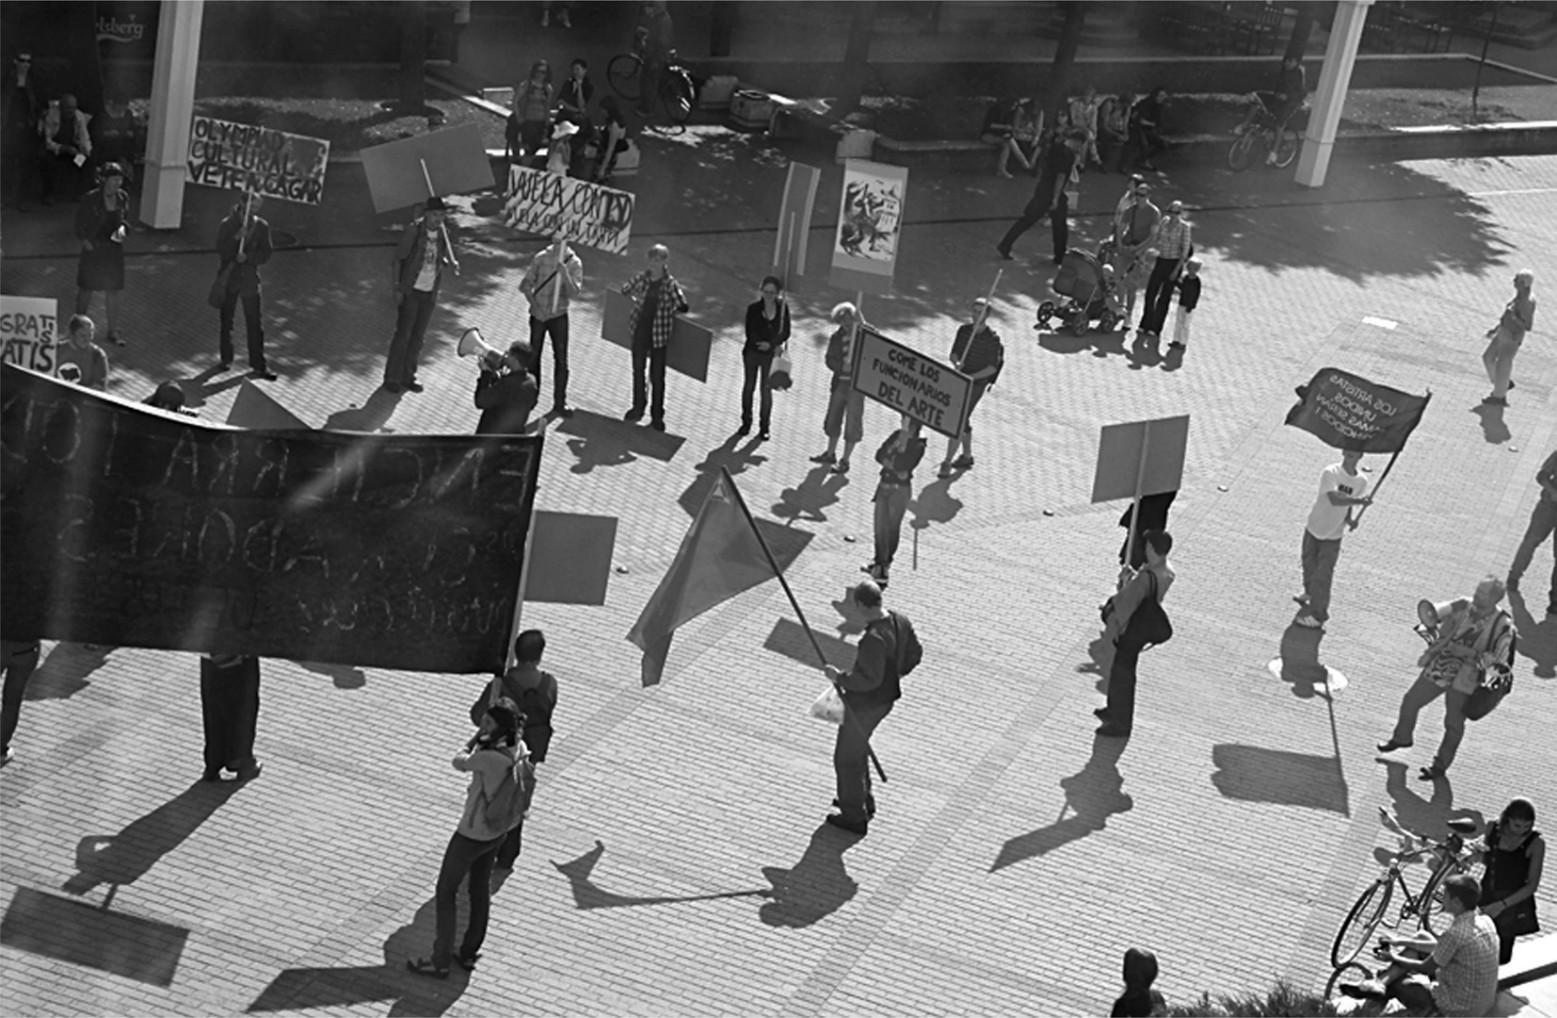 Demonstracija Pasaulinio psichodarbininkų ir duomenkasių kongreso metu, 2009. Alytaus DAMTP nuotr.